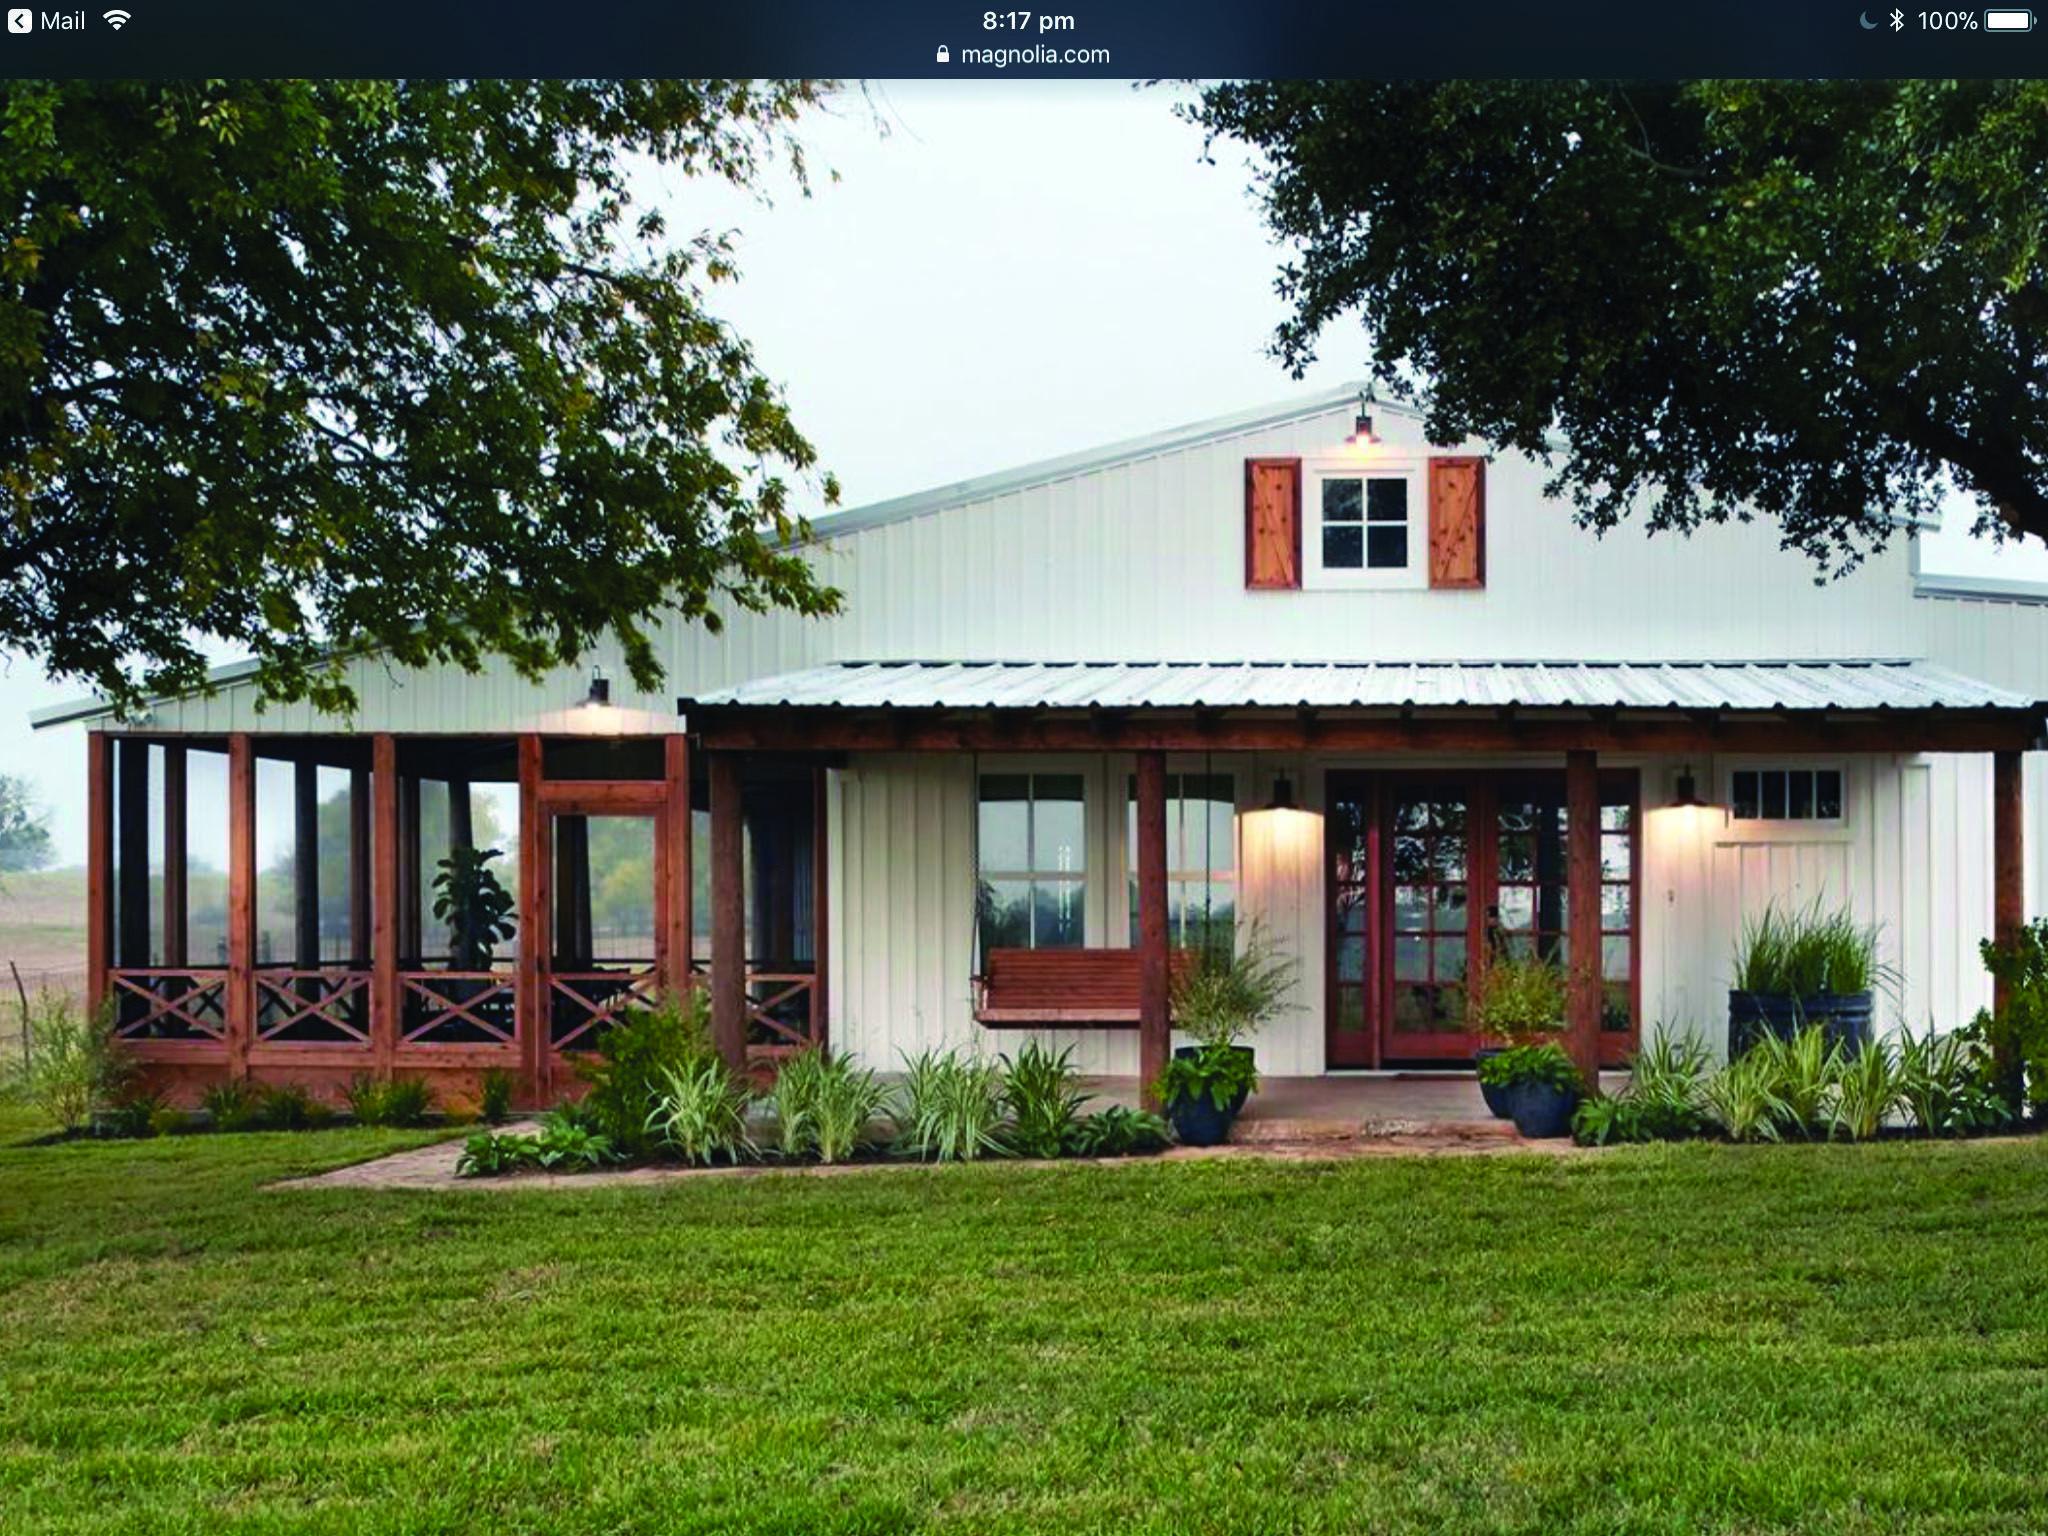 Aussergewohnliche Metallgebaude Hauser Livingston Tx Nur Zu Hause Wie Kunstdesign In 2020 With Images Metal Building Homes Metal Buildings Building A House